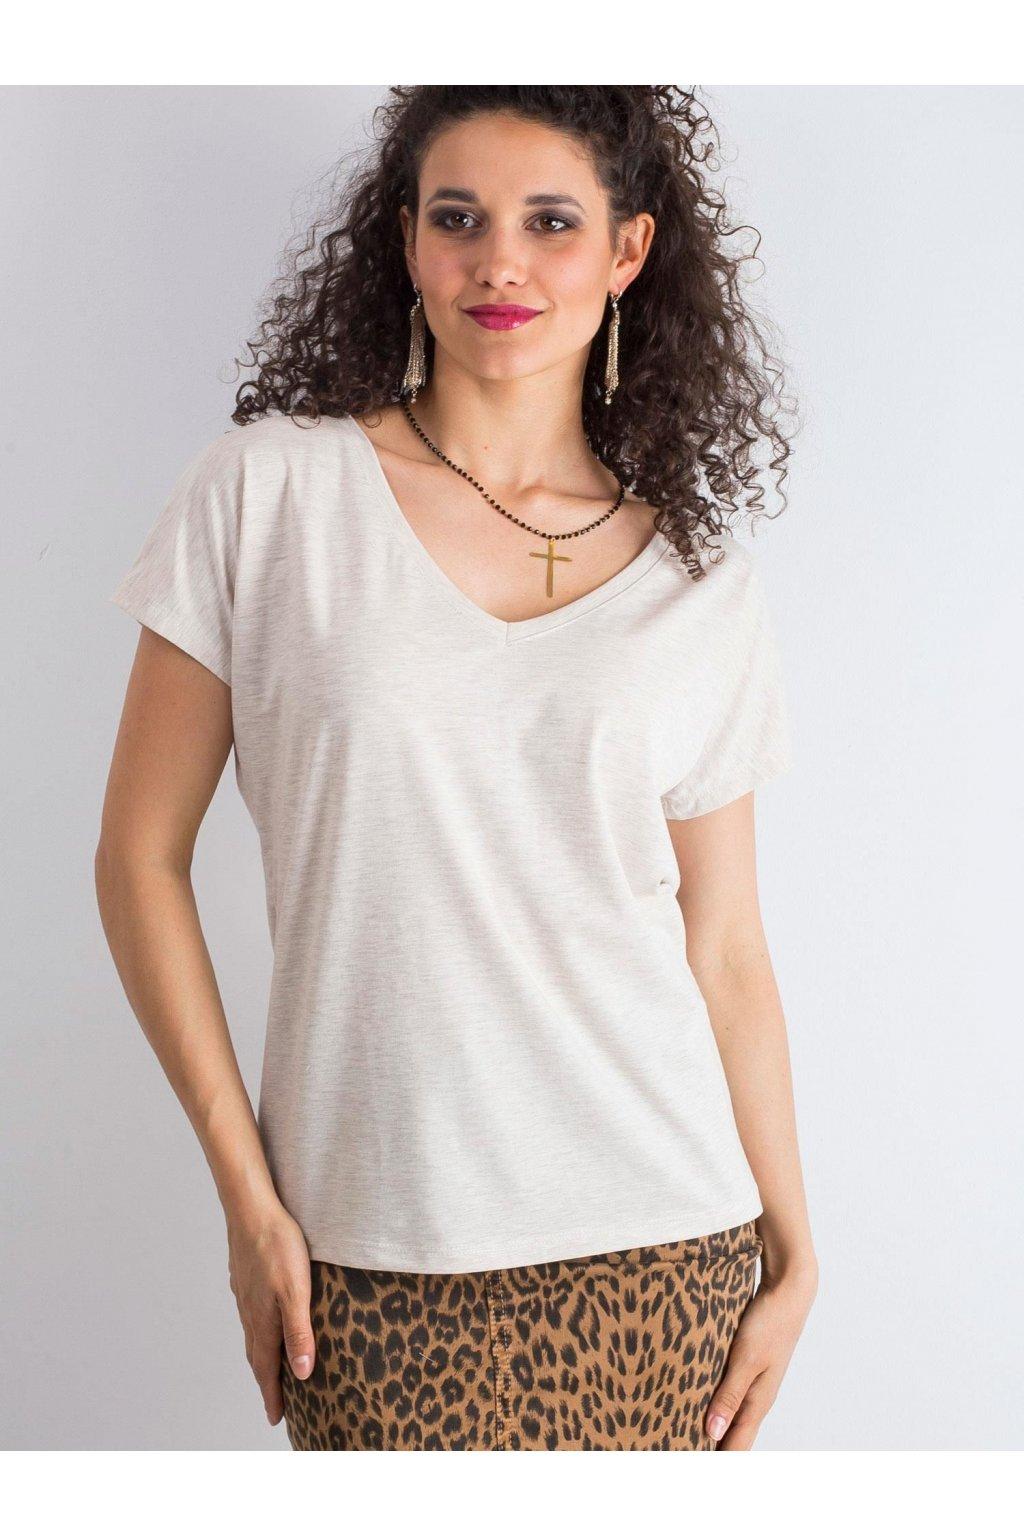 Dámske tričko jednofarebné kód RV-TS-4832.34P